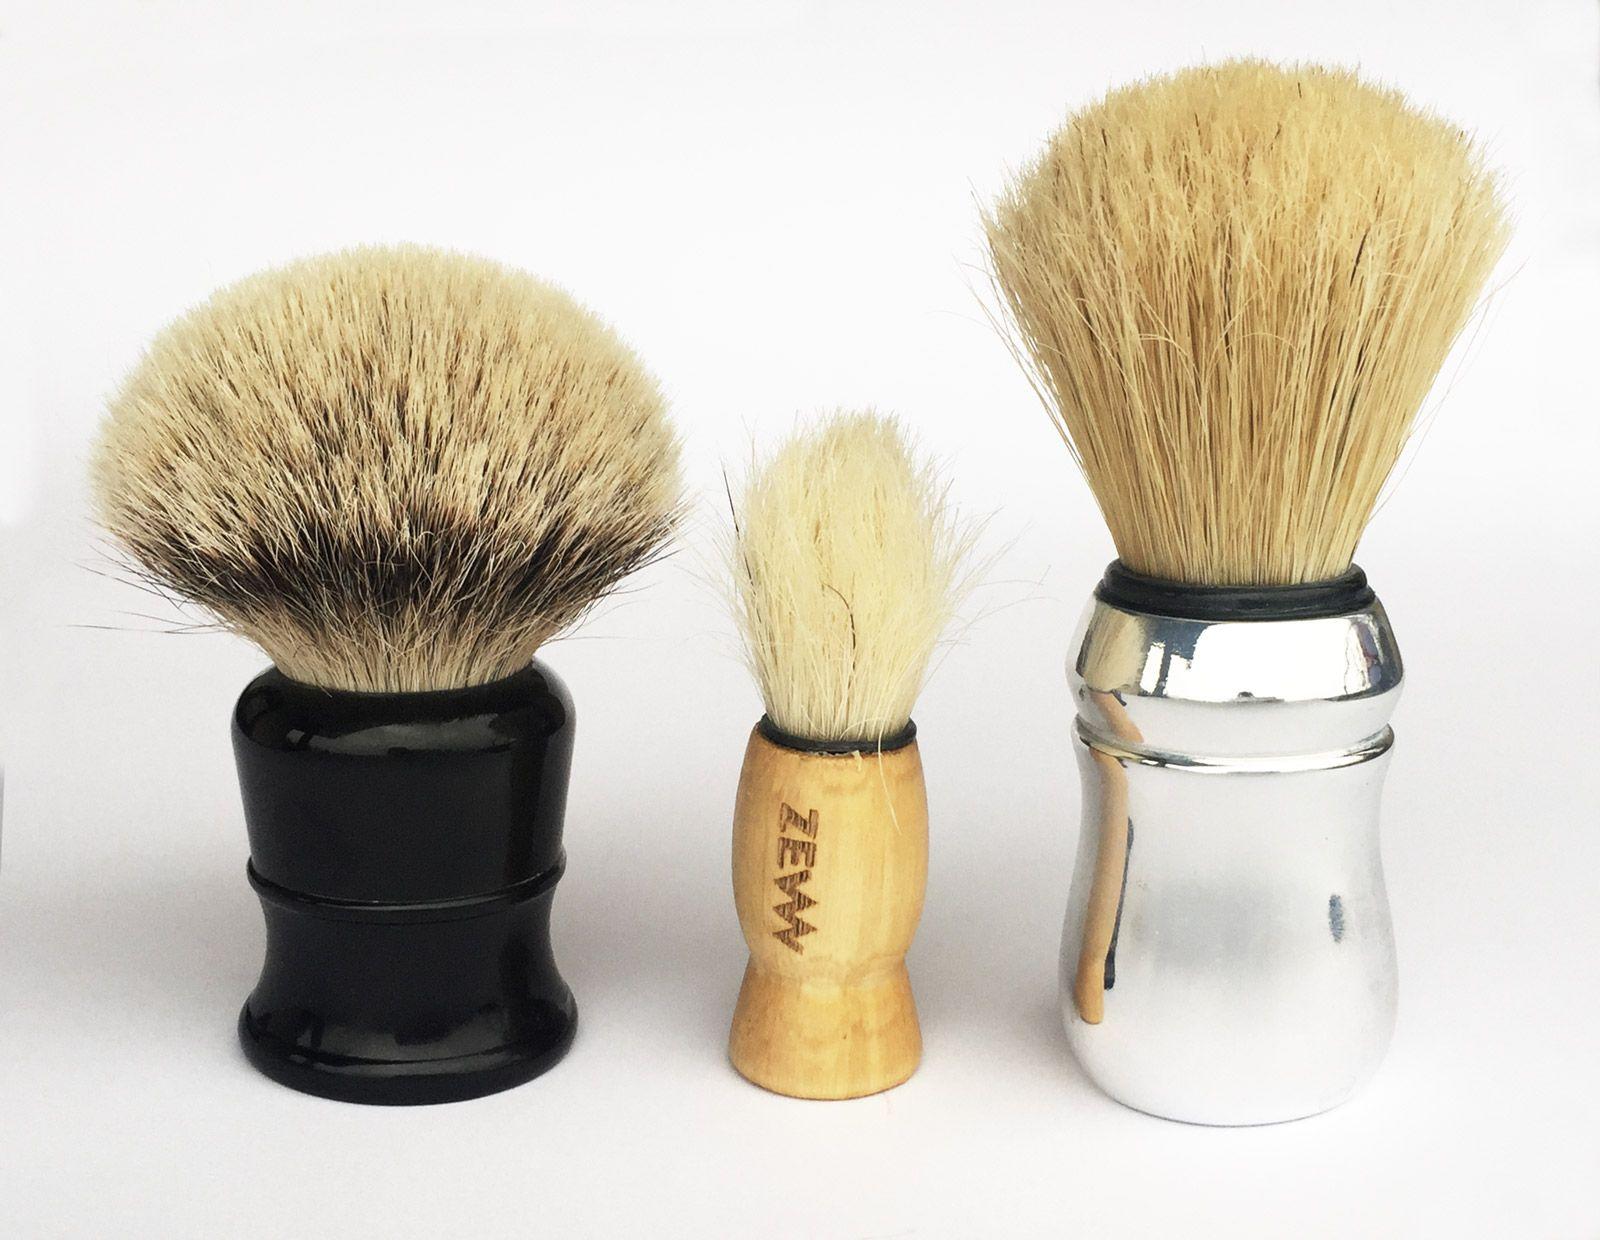 Porównanie pędzli do golenia LS Silvertip Badger Brush ∅30 mm (200 zł), ZEW włosie końskie ∅17 mm i Proraso szczecina ∅28 mm (30 zł)